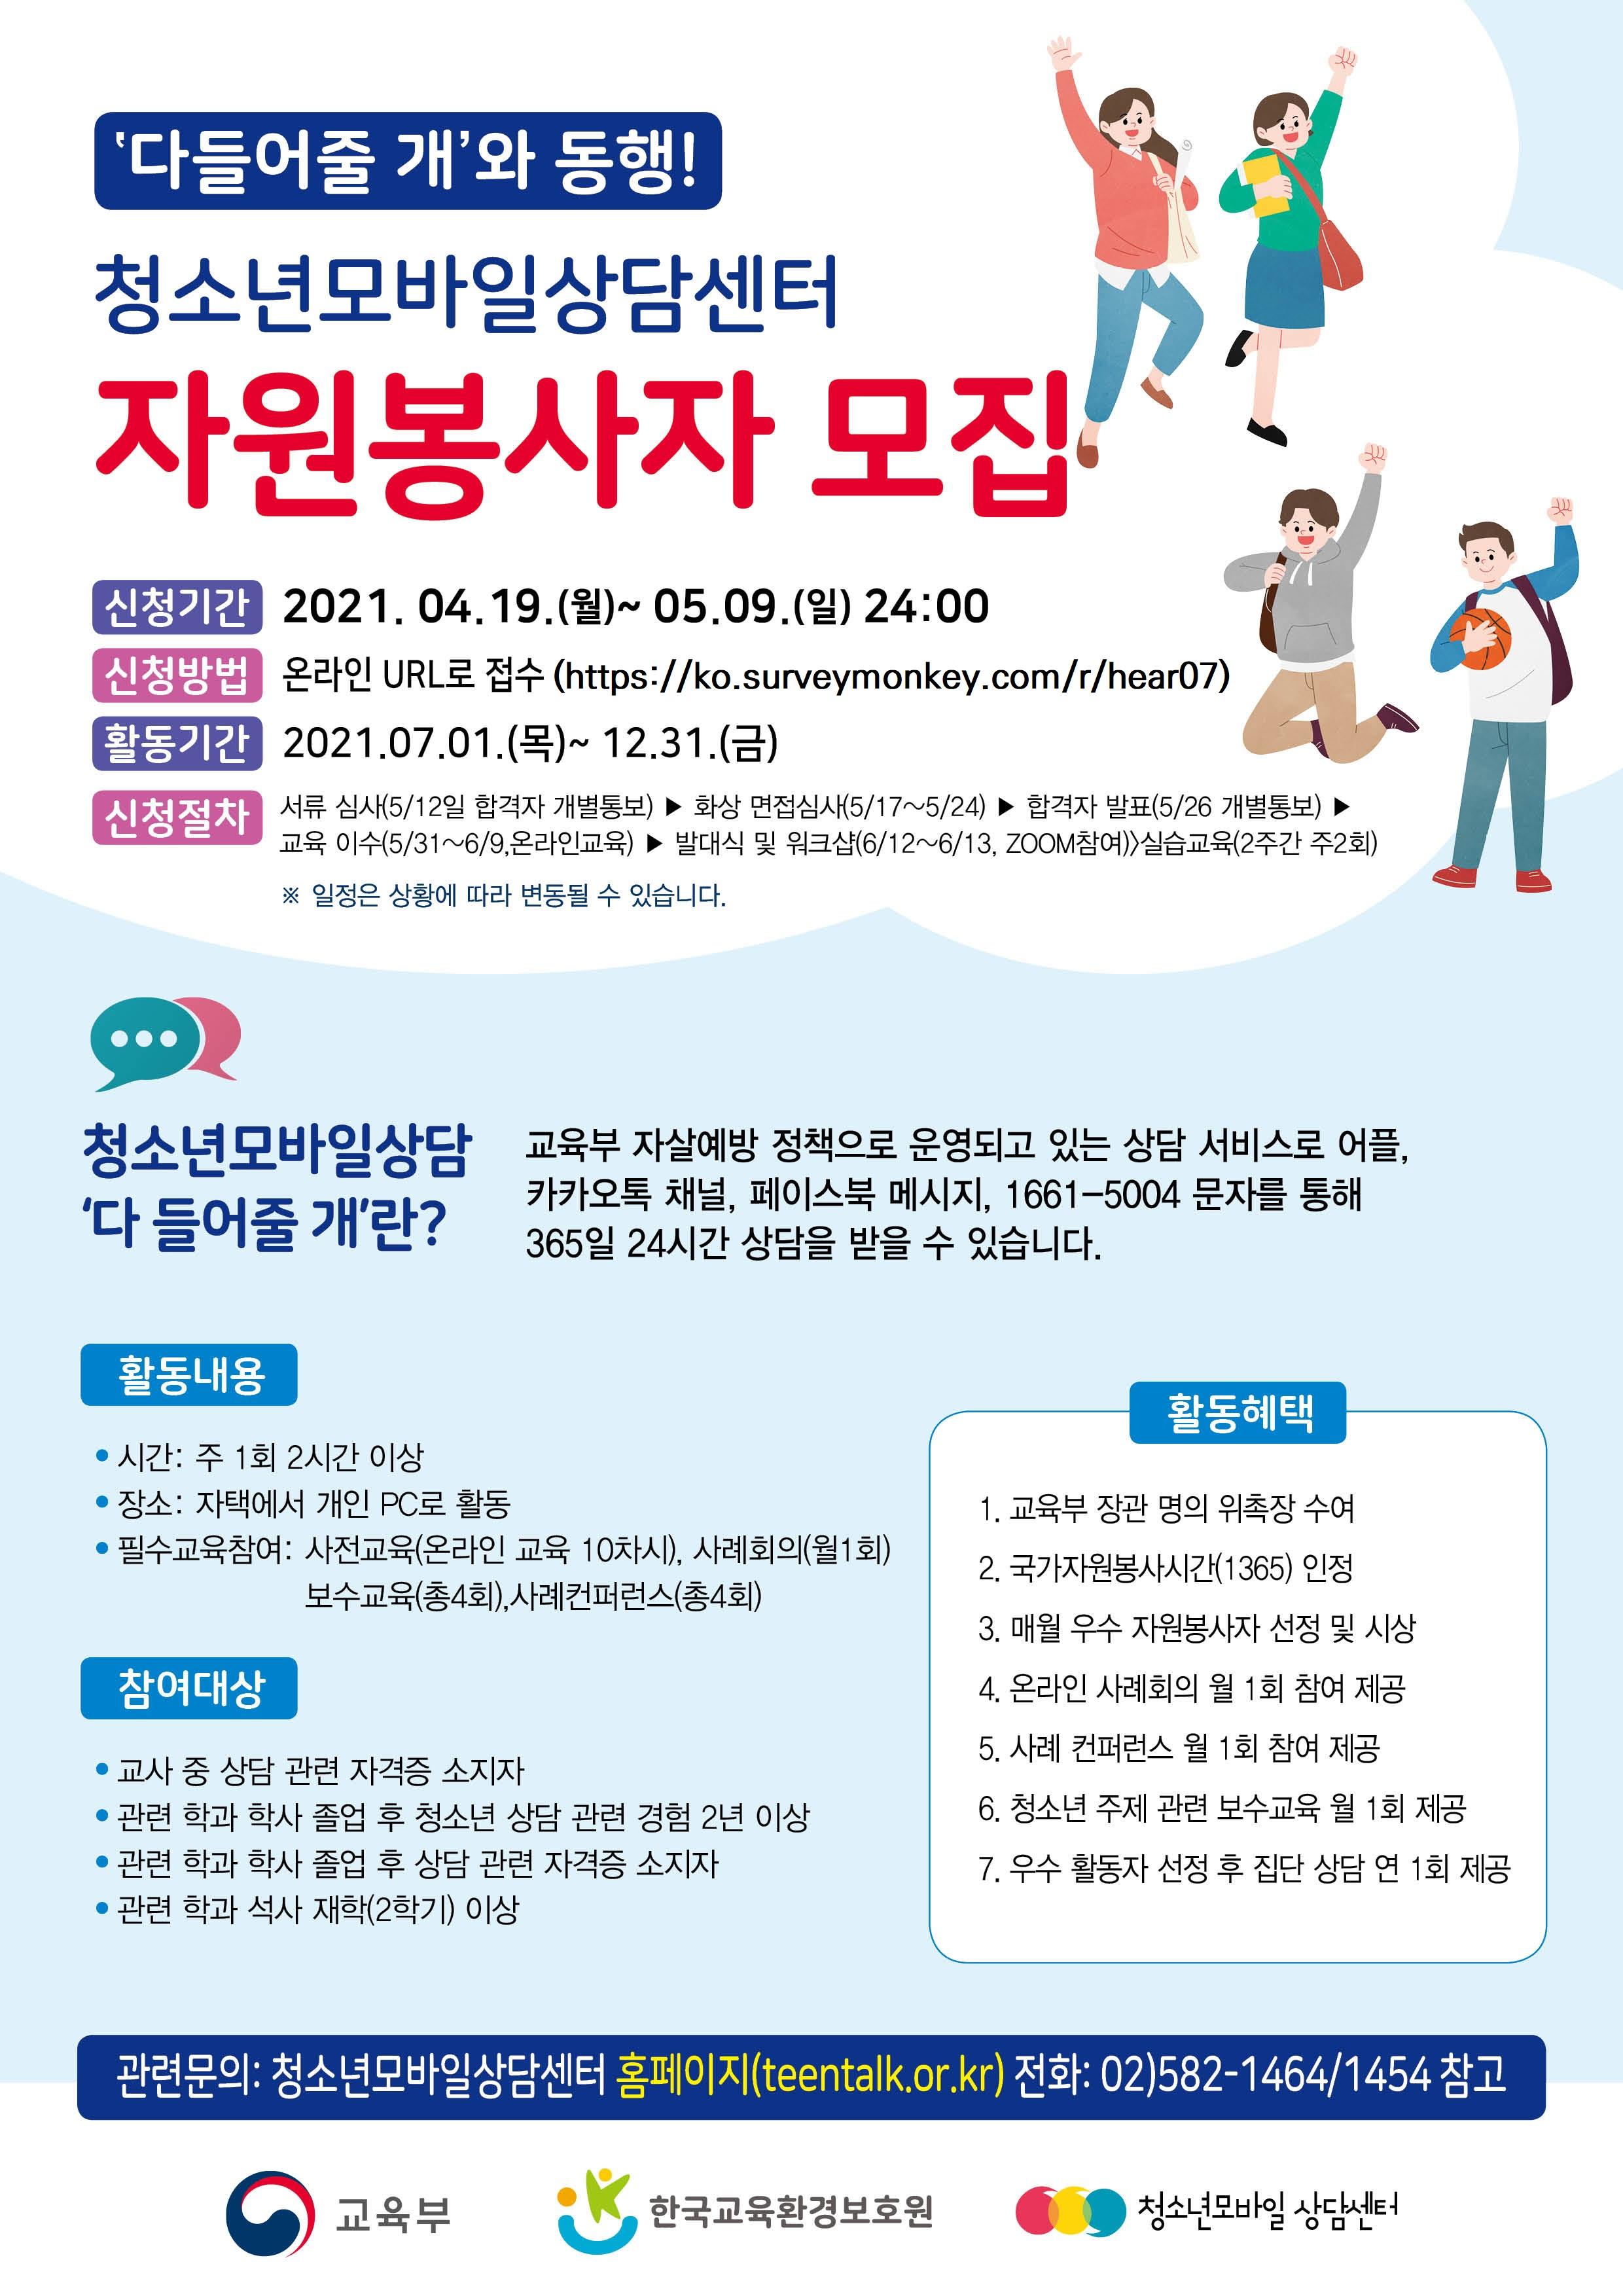 청소년 위기문자 상담망 자원봉사자(7기)